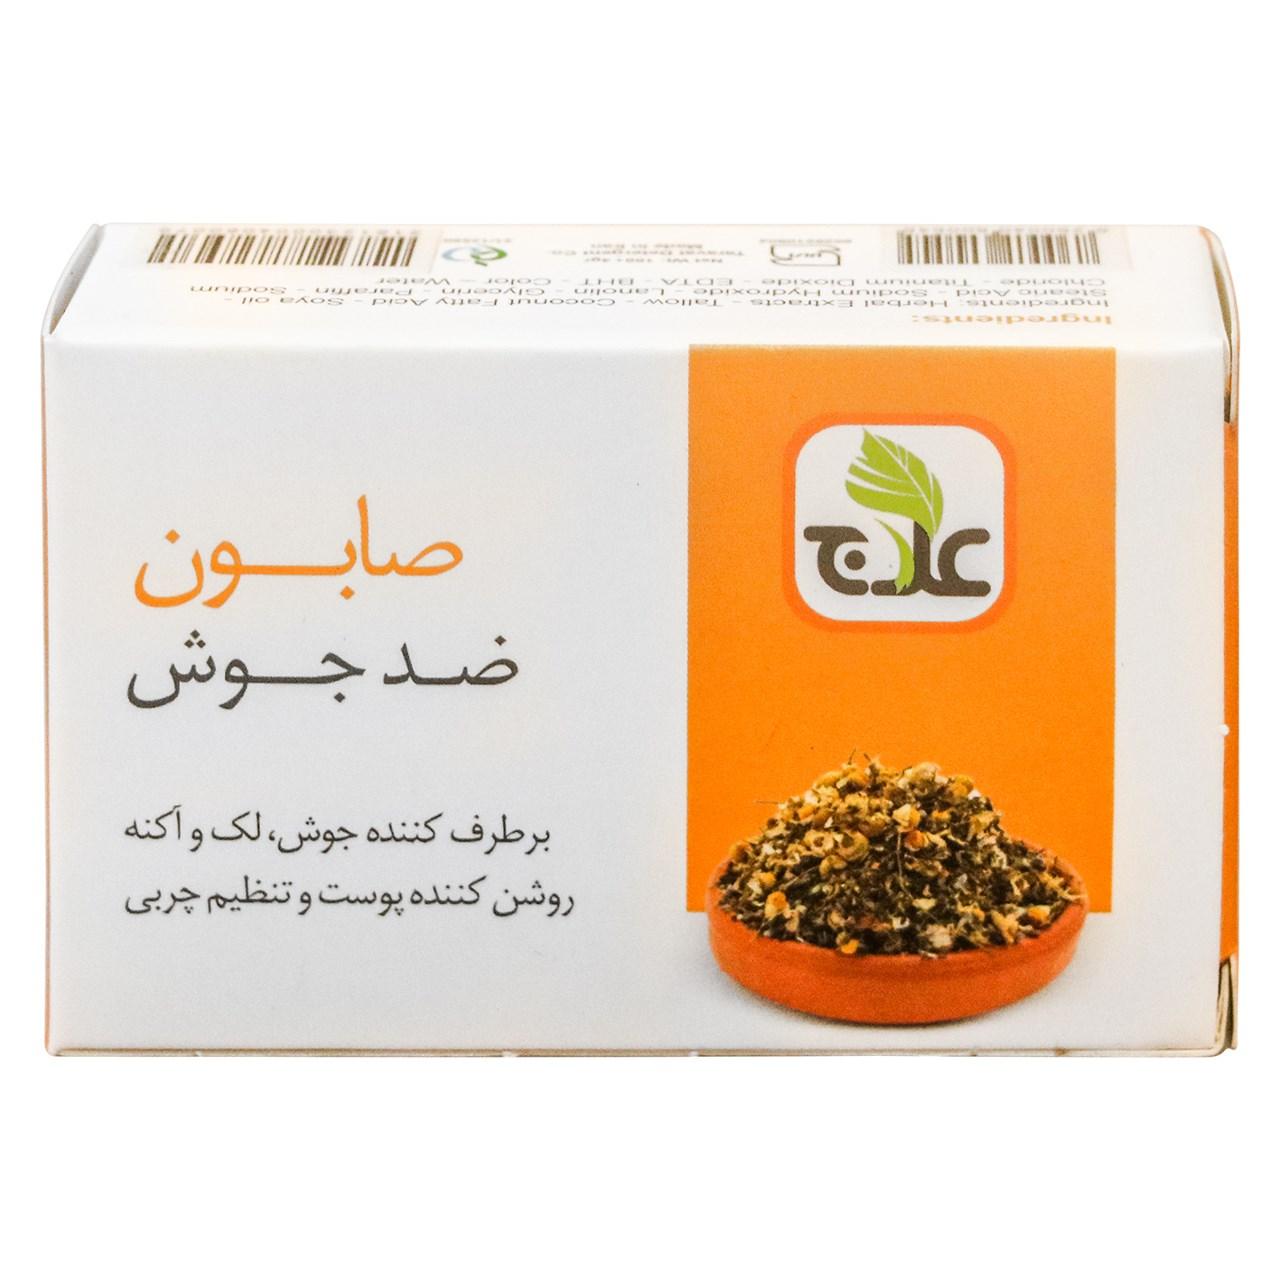 قیمت صابون ضد جوش علاج مقدار 100 گرم